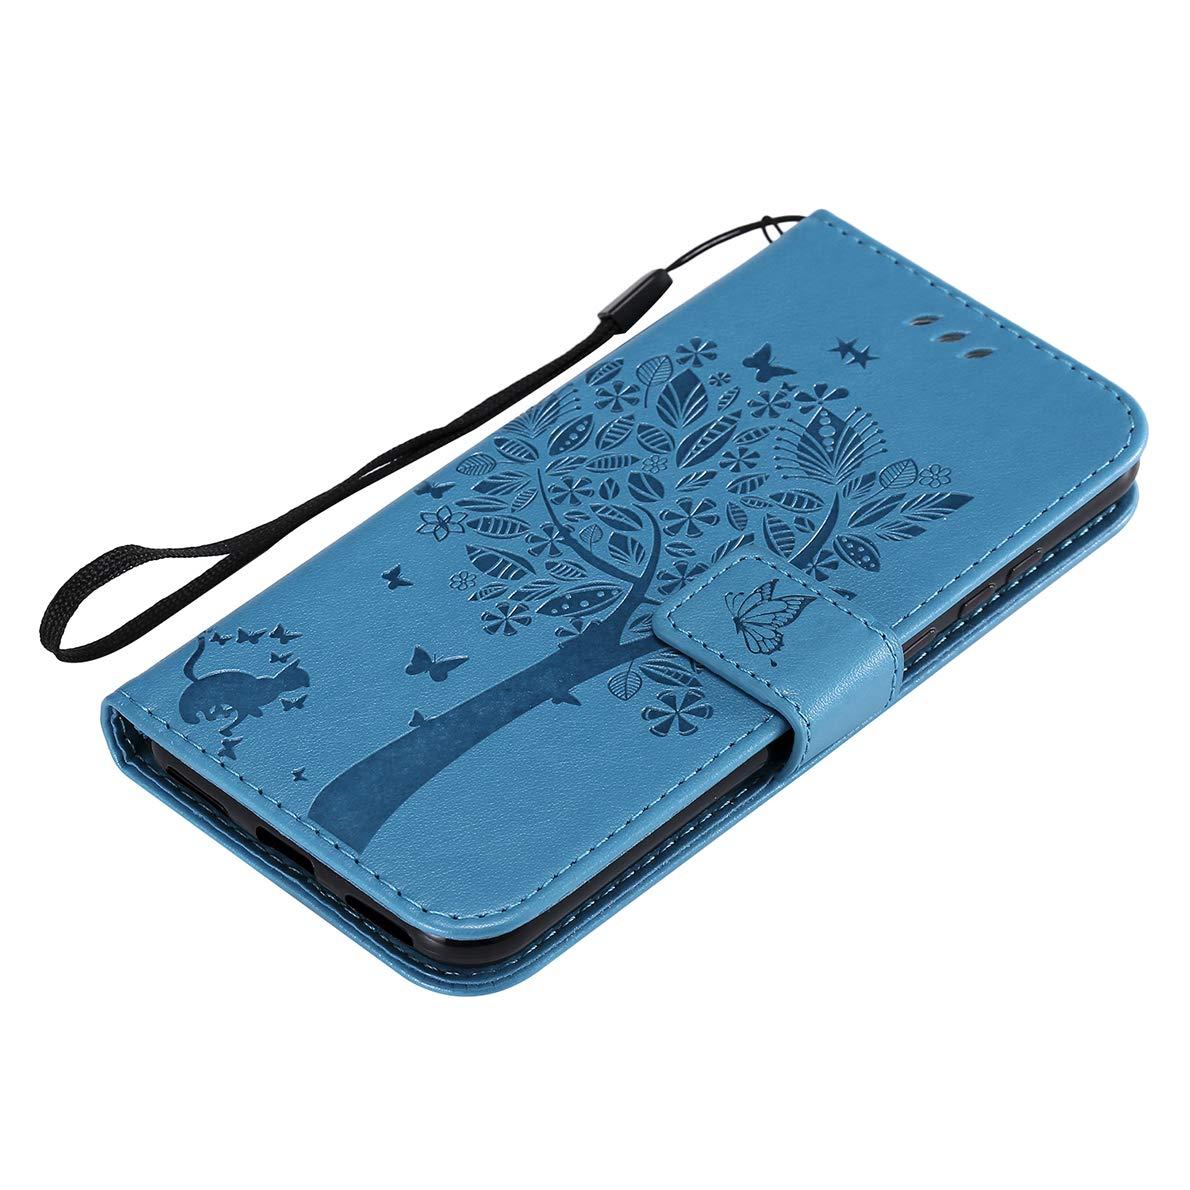 Y6 Pro 2019 Honor 8A Honor 8A Cas SHUYIT Coque Huawei Y6 2019 /Étui en Couleur PU Cuir Flip Case de Protection Portefeuille Etui Stand Cover Housse pour Huawei Y6 2019 Y6 Pro 2019